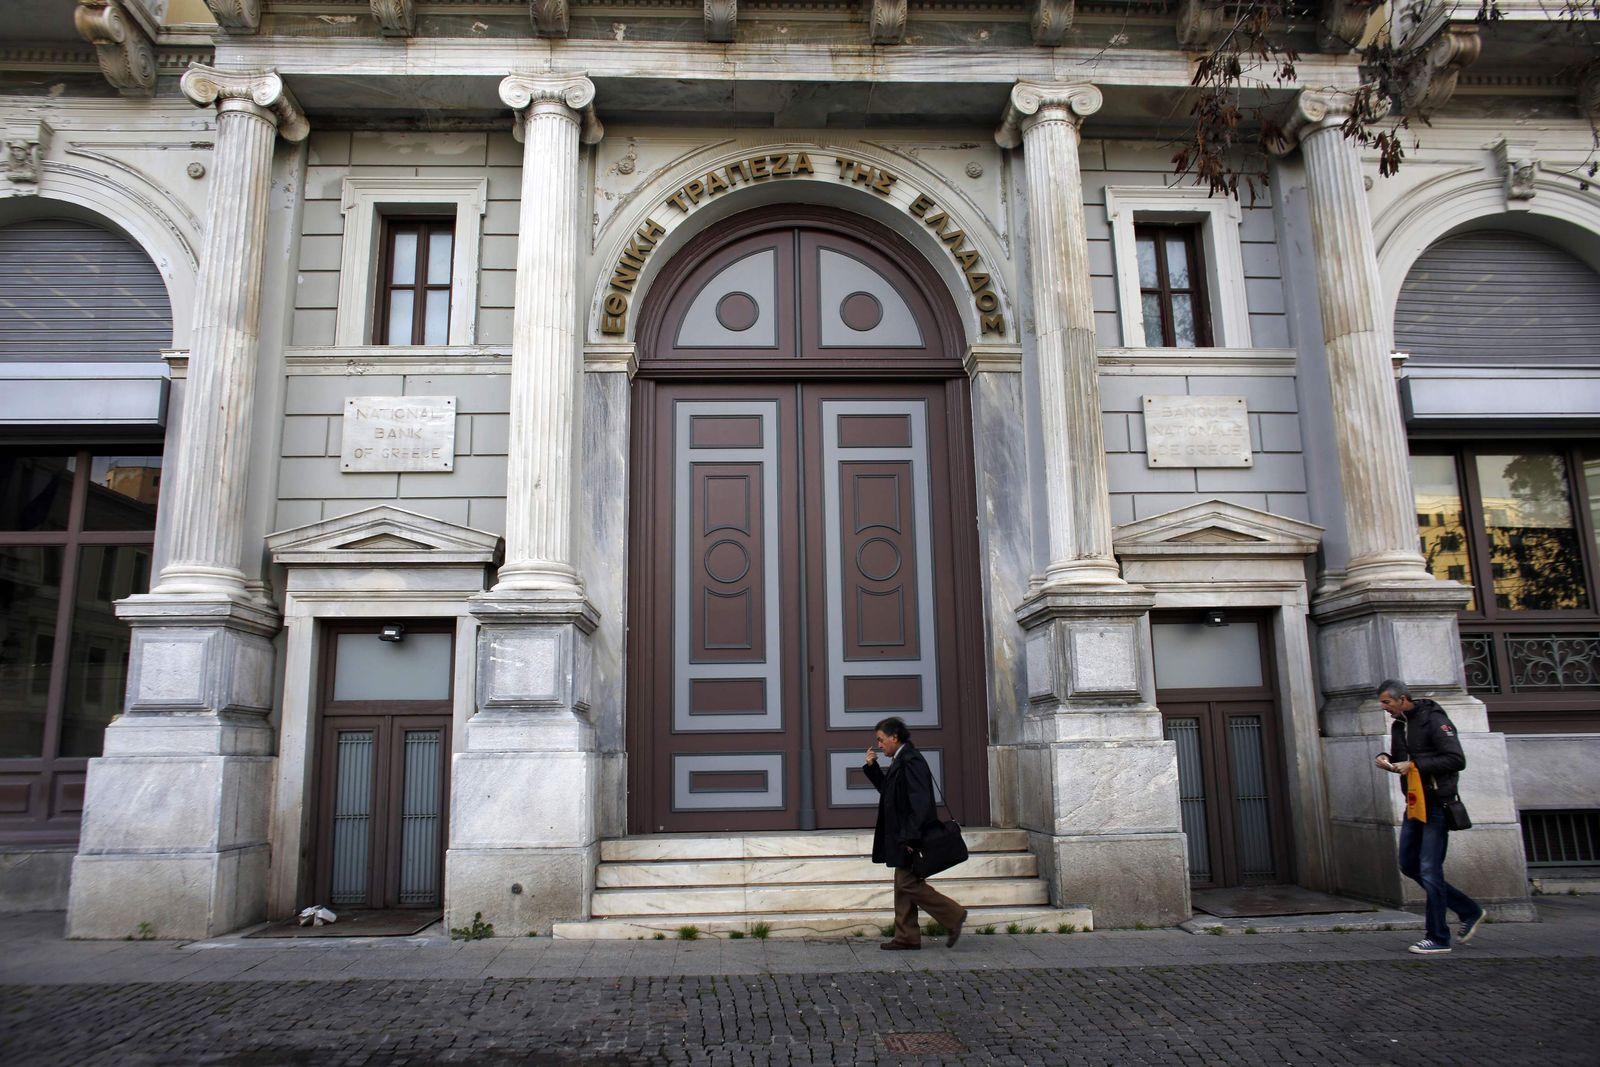 Griechenland, National Bank of Greece